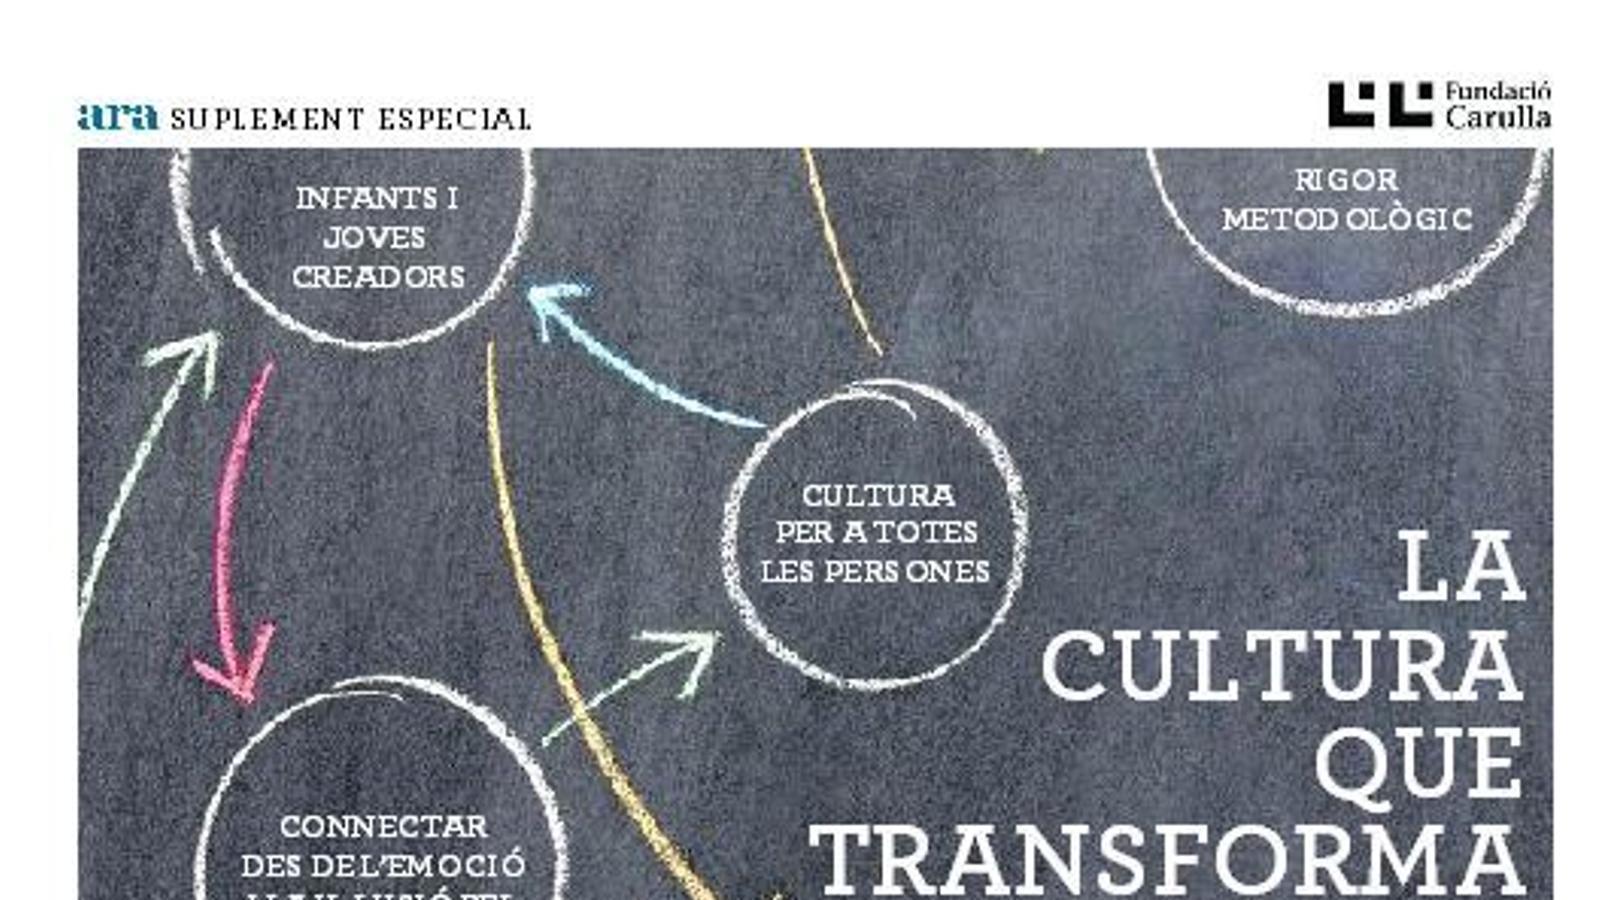 La cultura que transforma, en un suplement especial